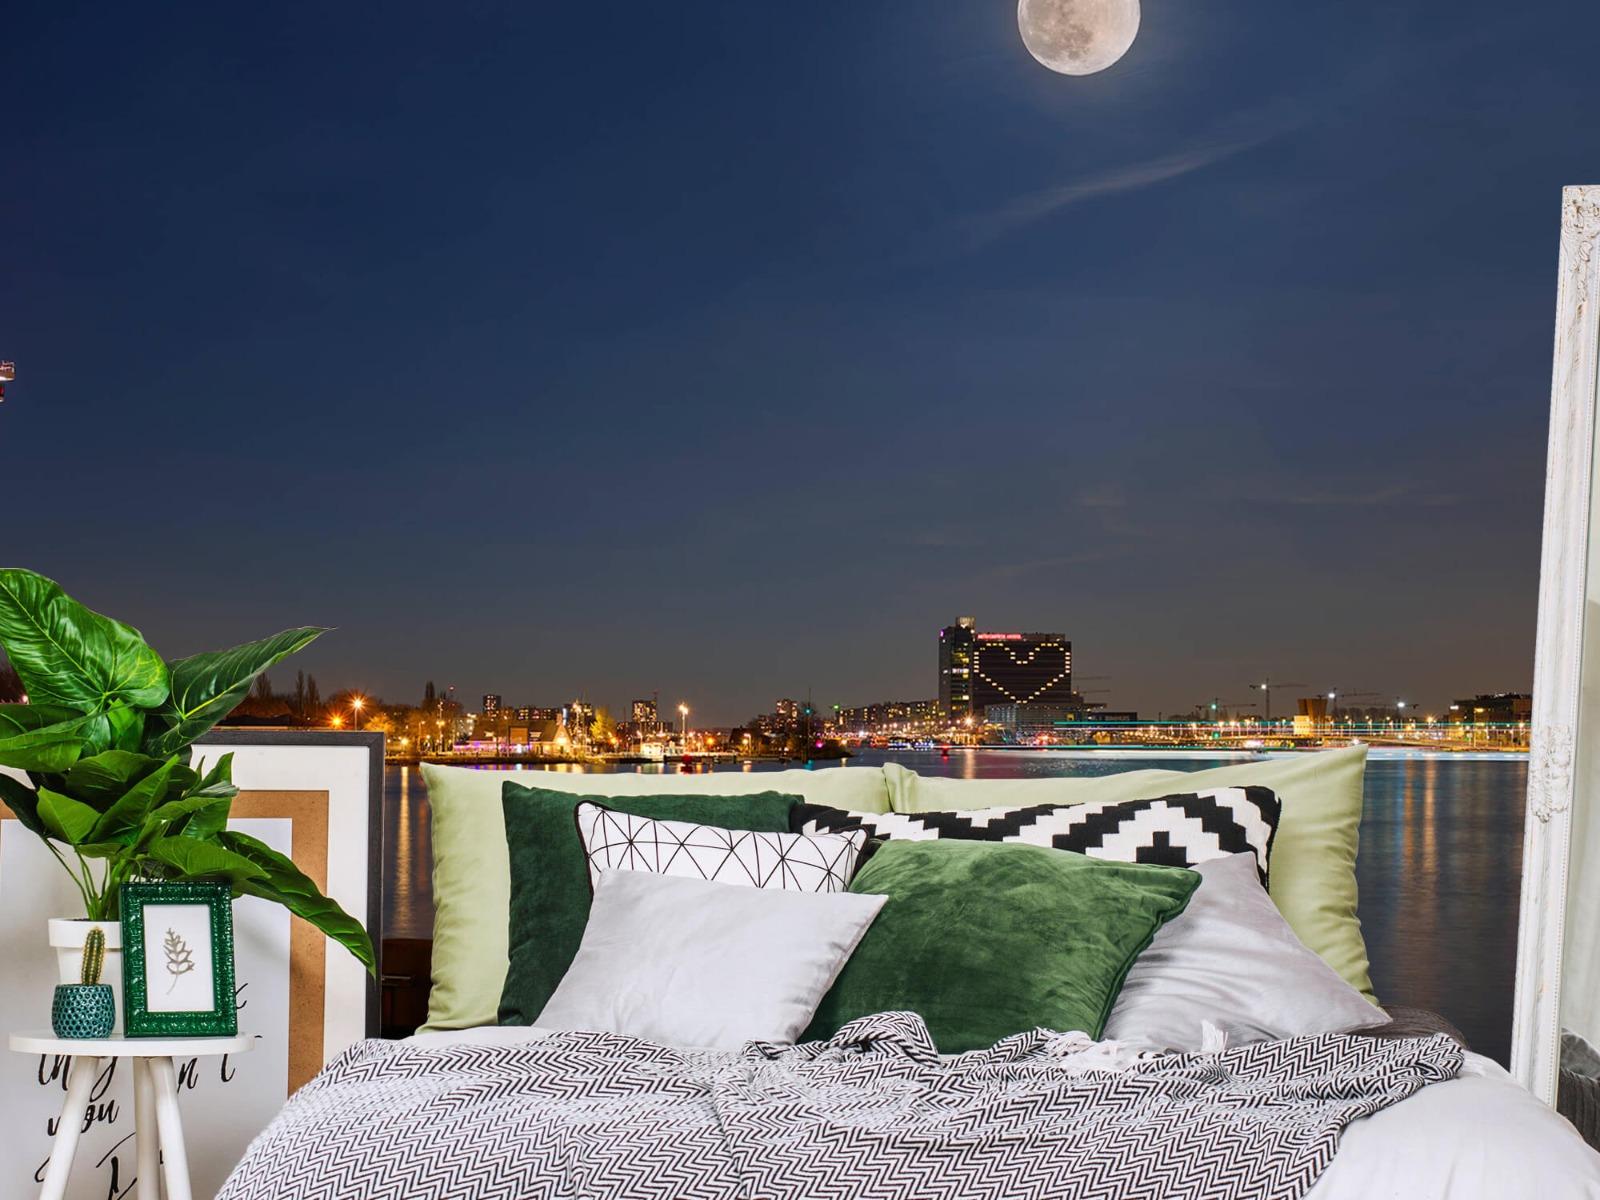 Steden behang - Supermaan in Amsterdam - Slaapkamer 12